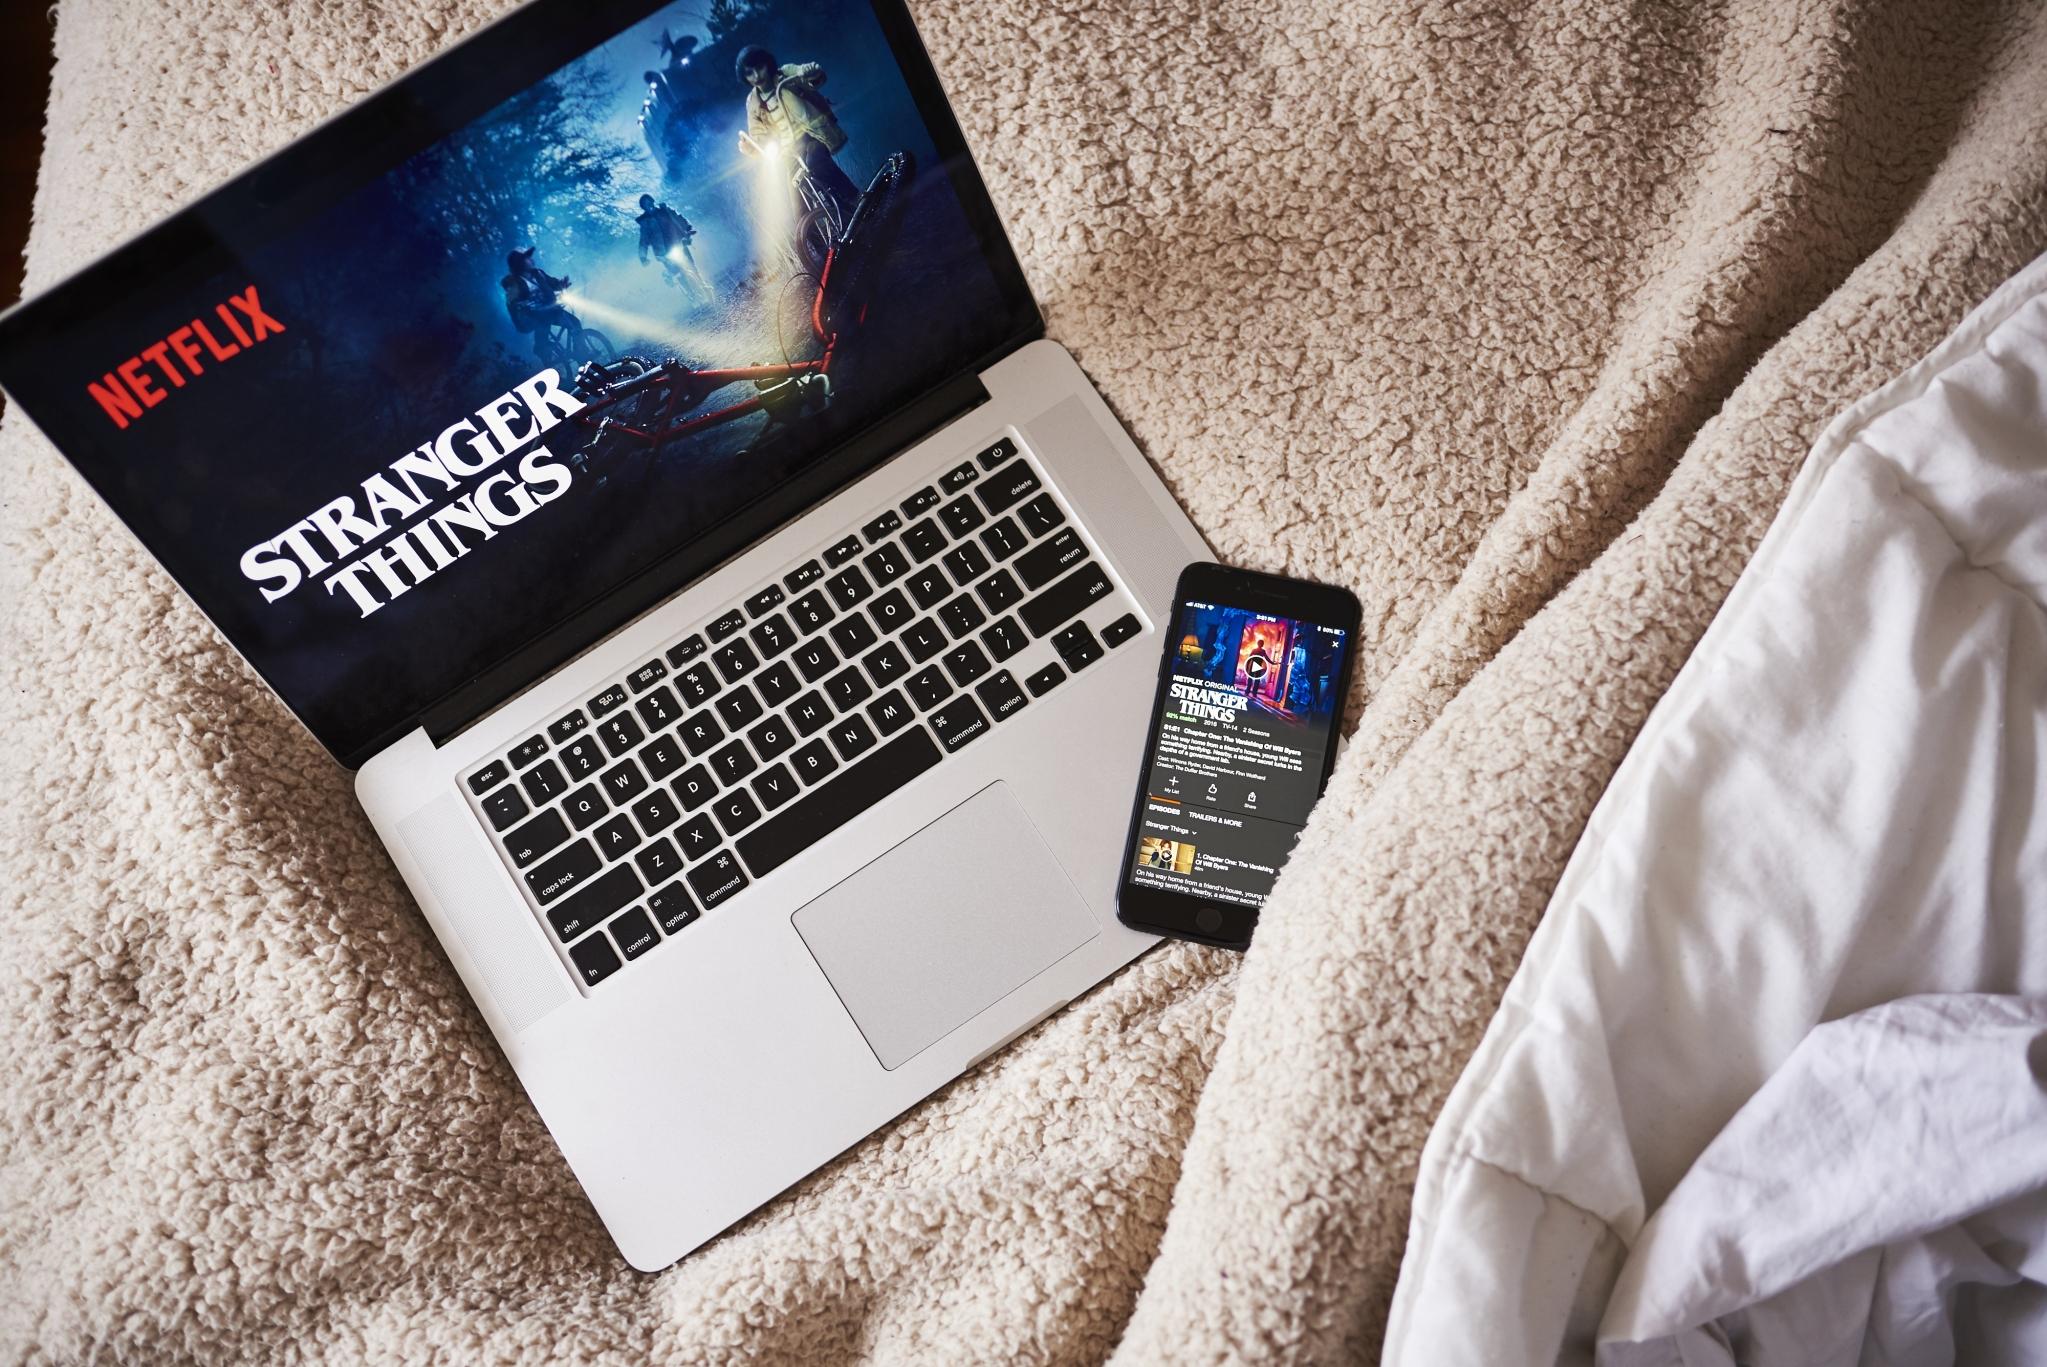 Stranger Things' Is Netflix's Hunt for a Billion-Dollar